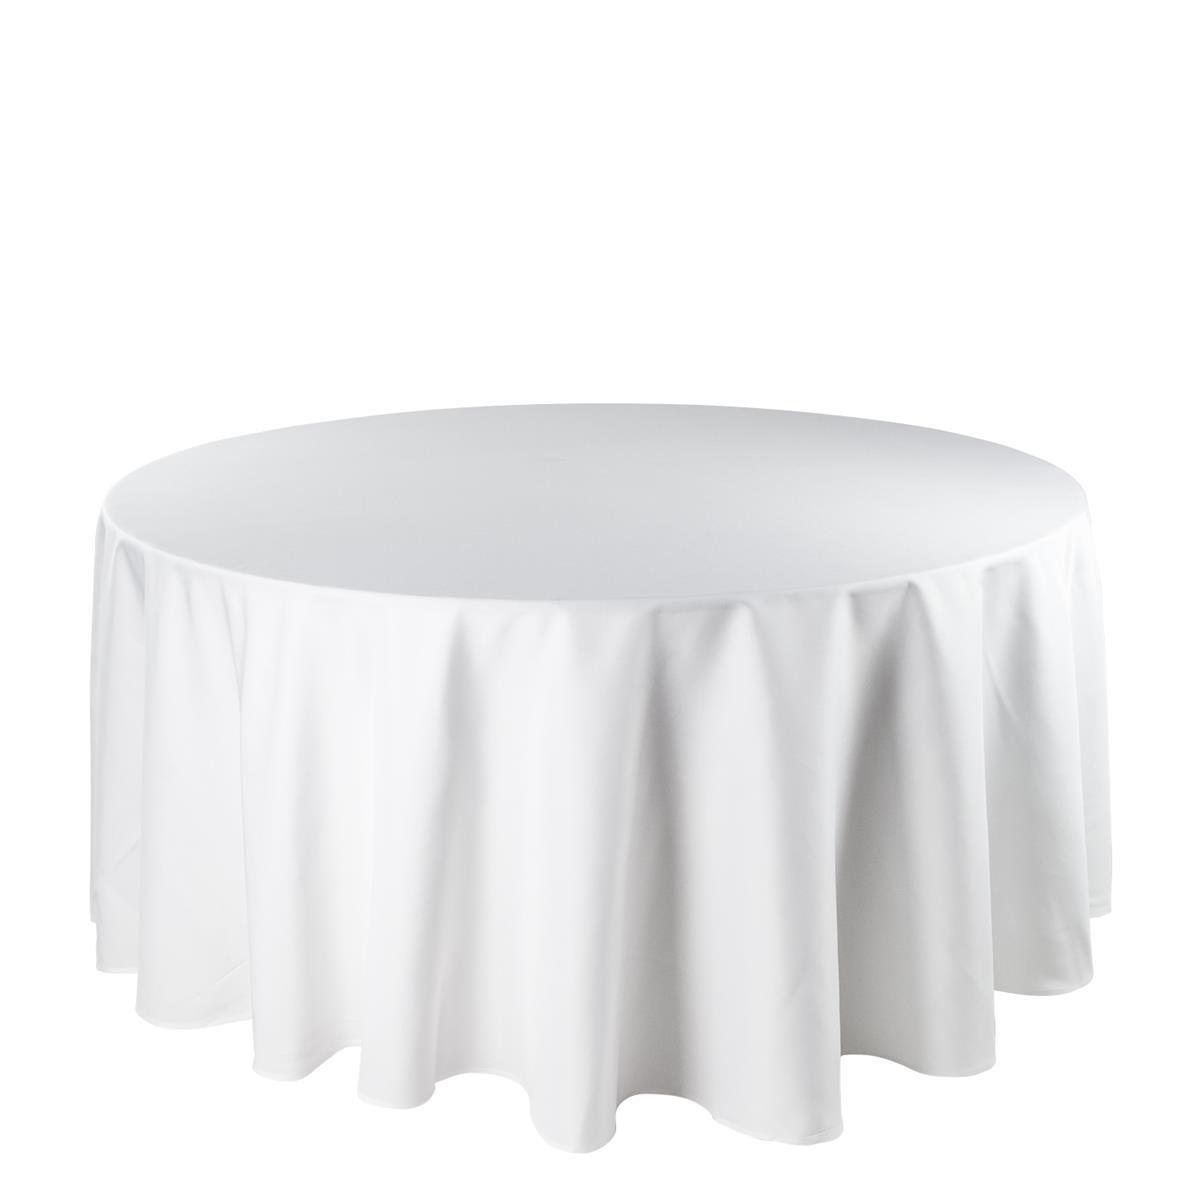 Runde Tischdecke Weiß mieten -Eventdeko-For-Rent, 11,65